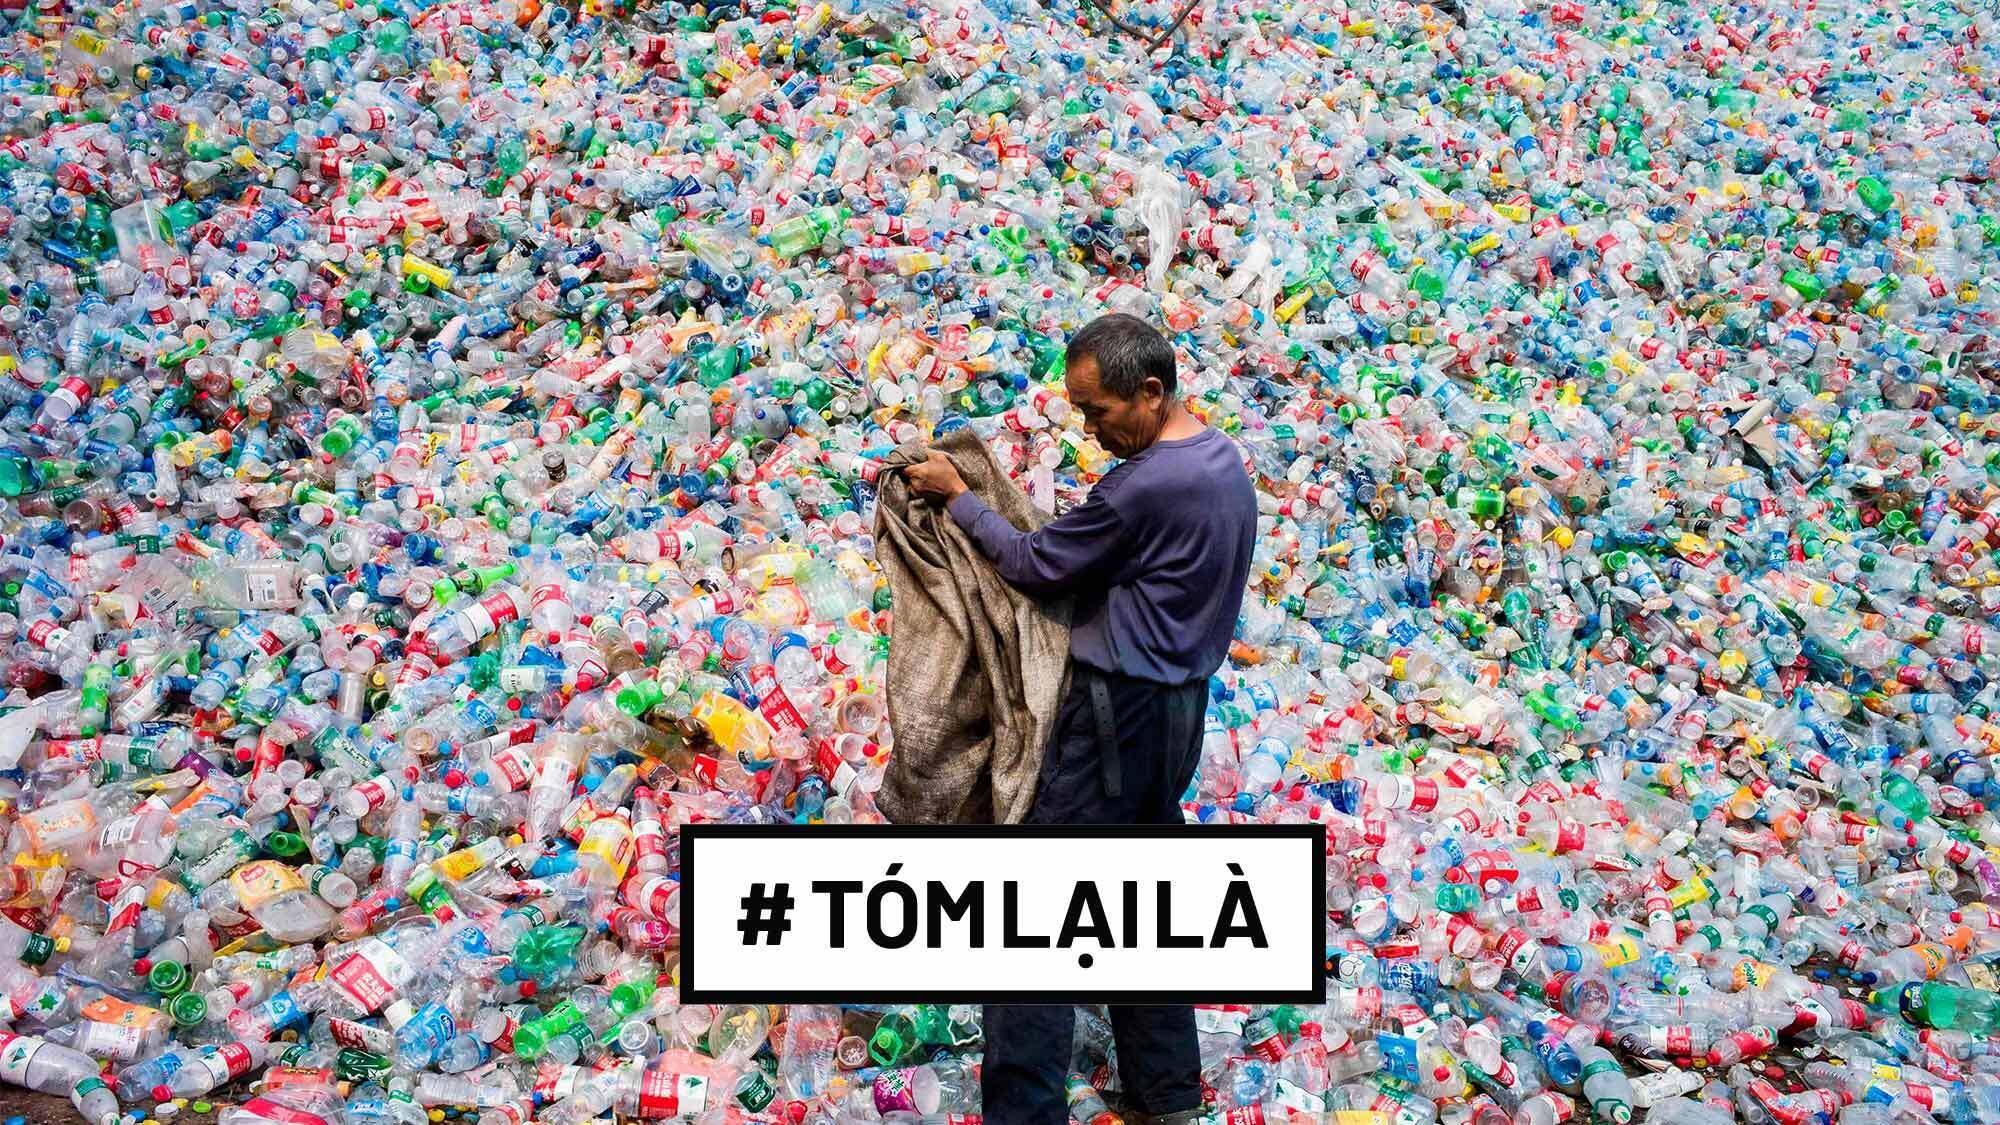 Tóm Lại Là: Thu phí rác theo cân — Nhật, Hàn đã làm, sắp đến Việt Nam?